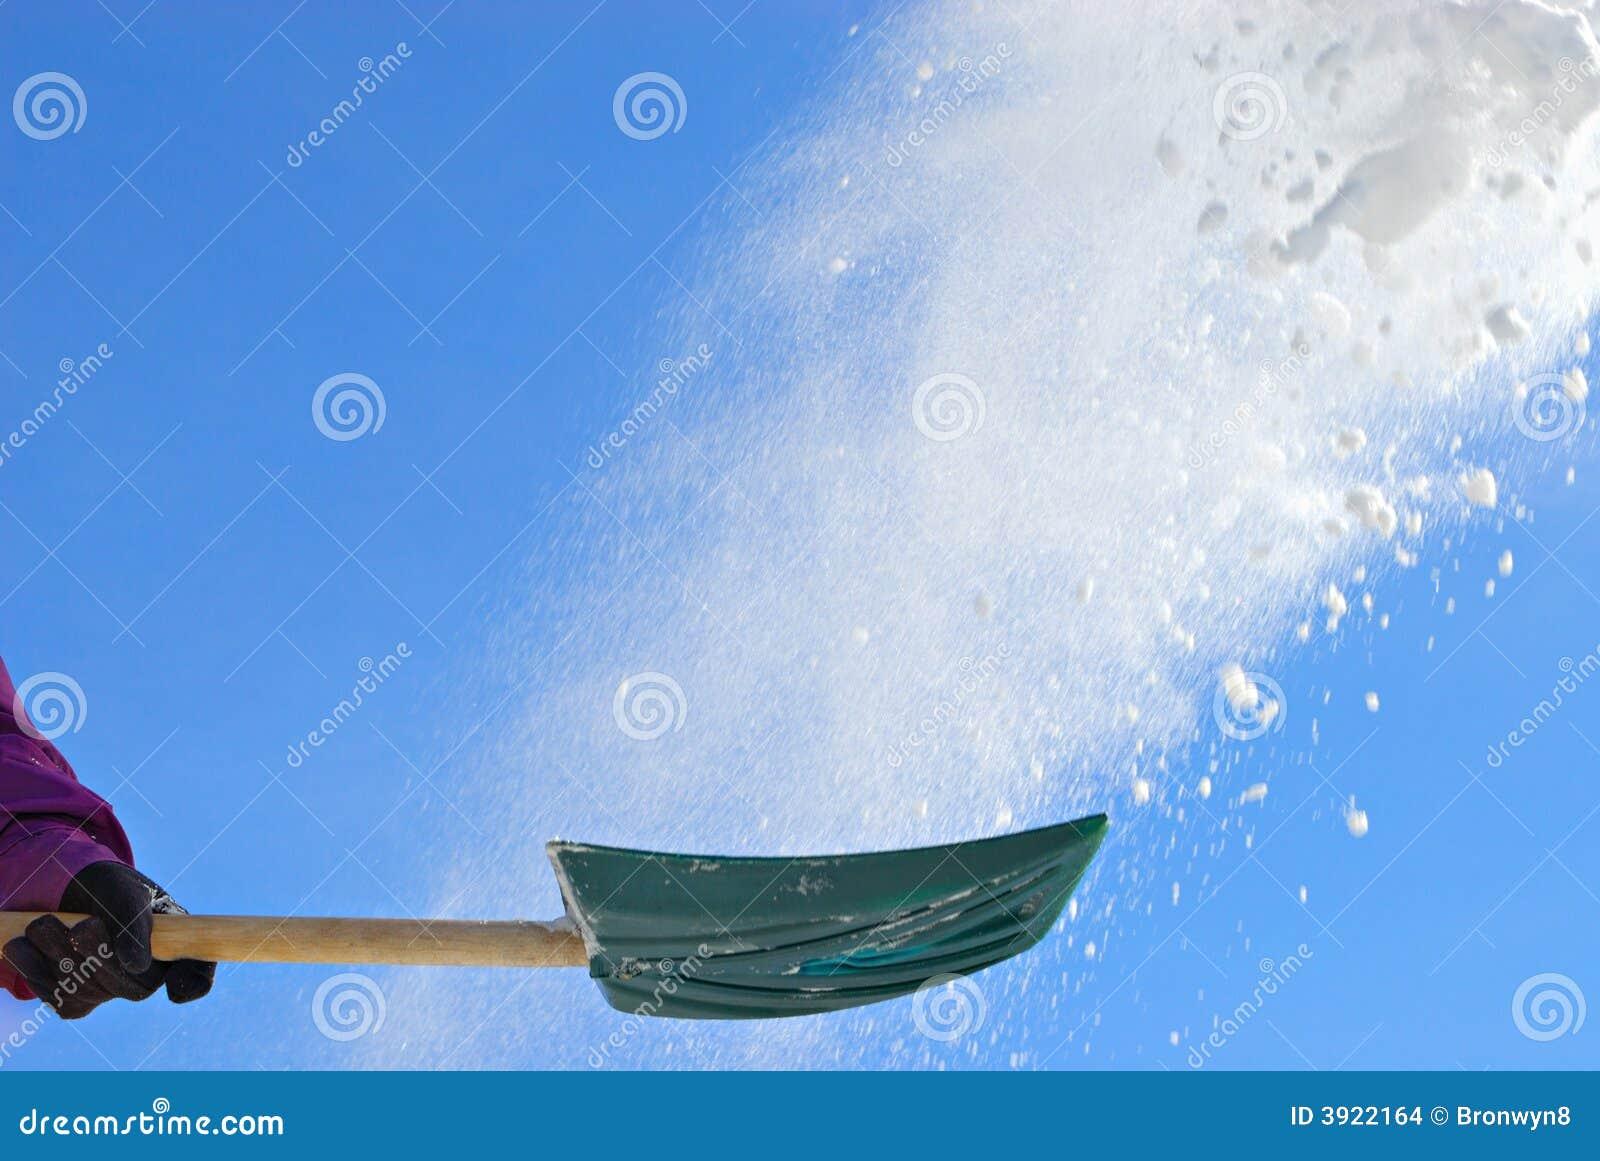 να φτυαρίσει το χιόνι